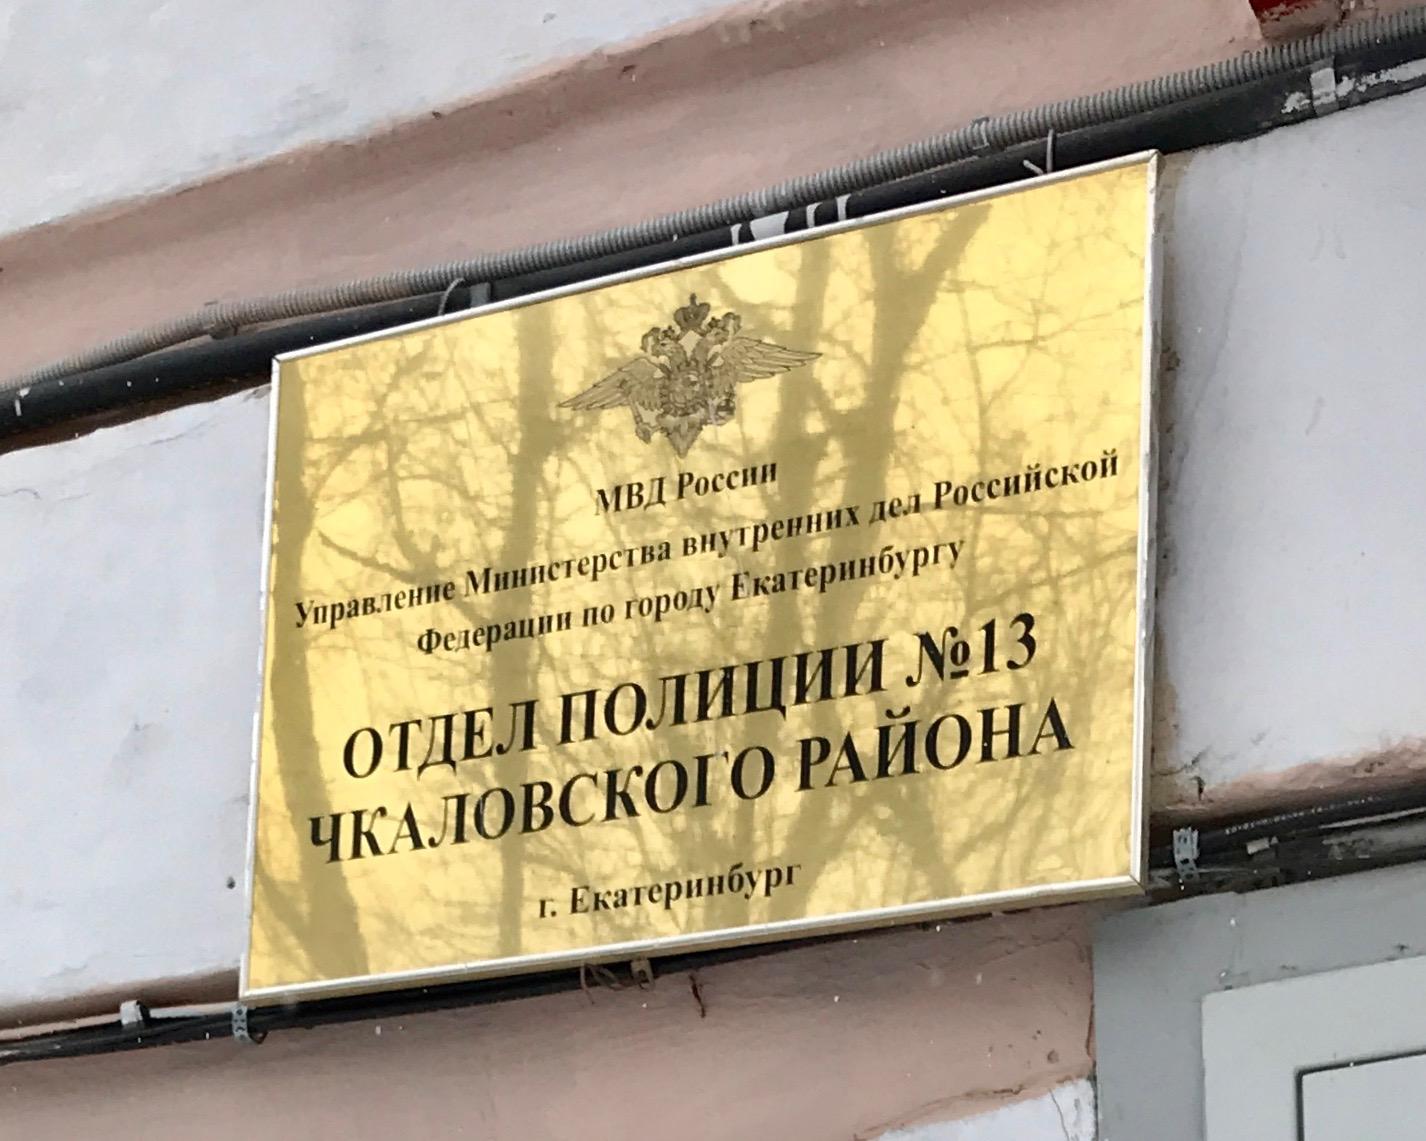 Следователь одного ОП сорвал сегодня выполнение ст. 217 УПК РФ. Уехал в другой отдел полиции, где адвокат поработал по наркотикам.